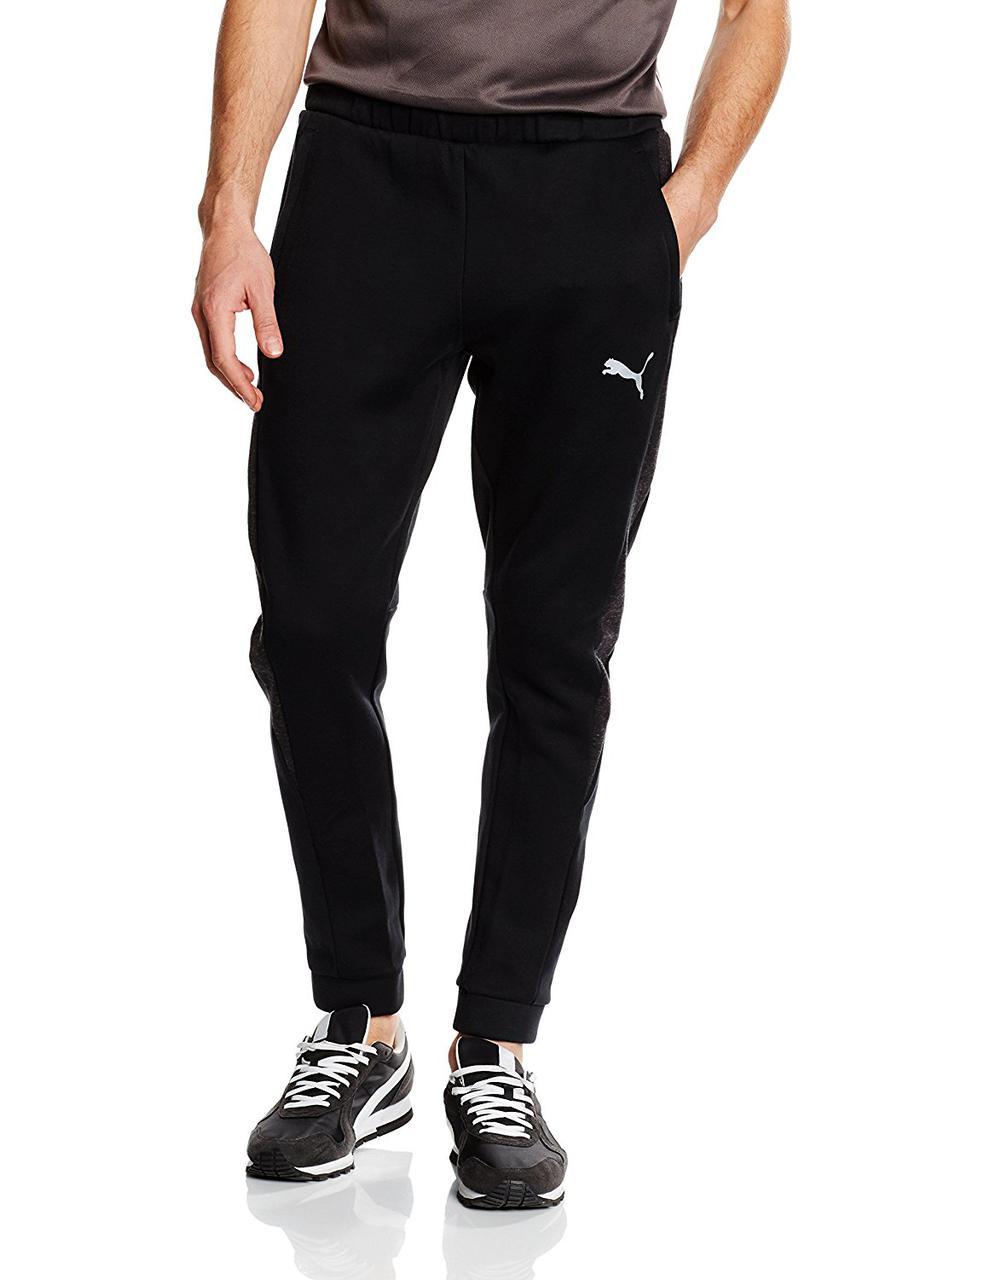 Штаны спортивные тренировочные Puma evoTRG Training  Pants